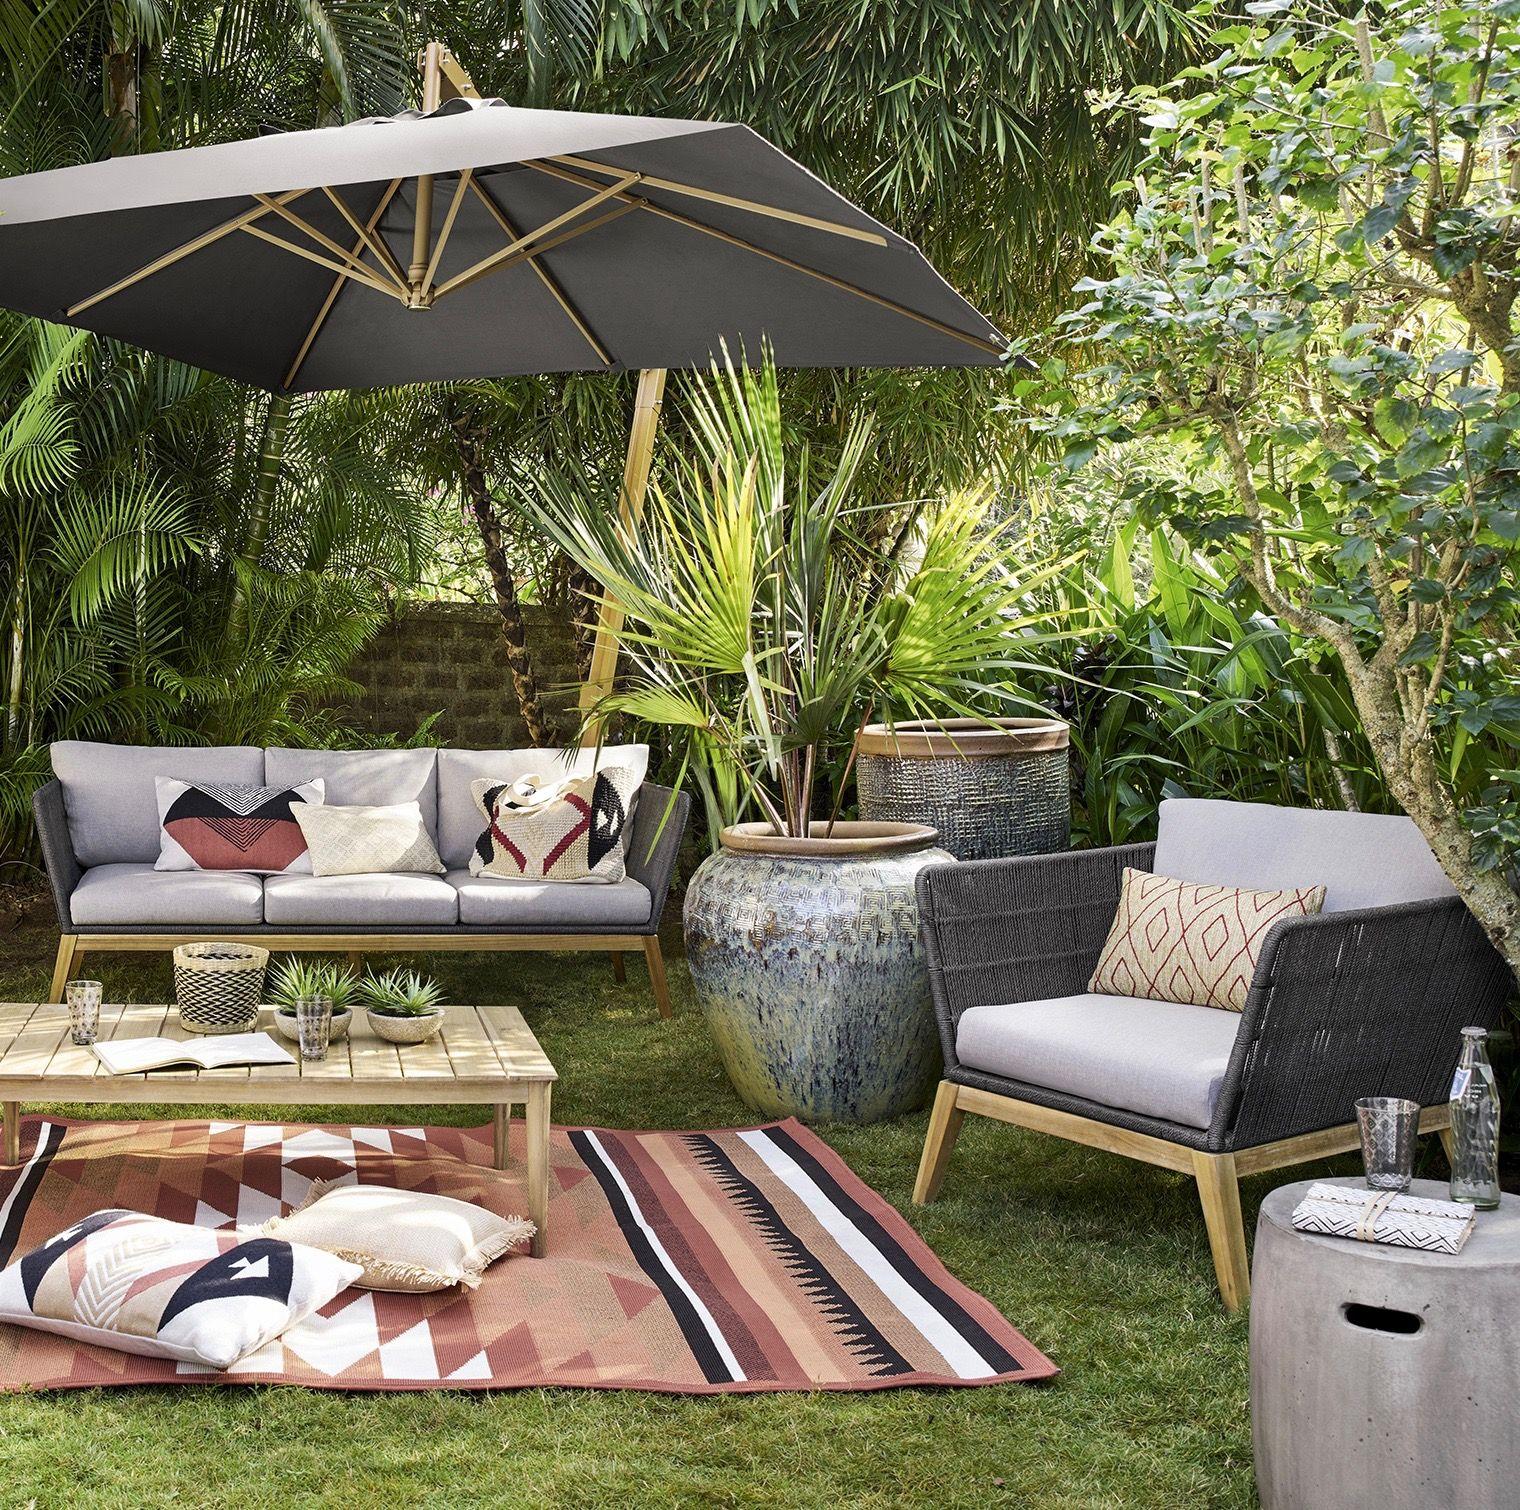 Salon Jardin Génial Salon De Jardin Style Boh¨me Ethnique Chic Boho Decoboho